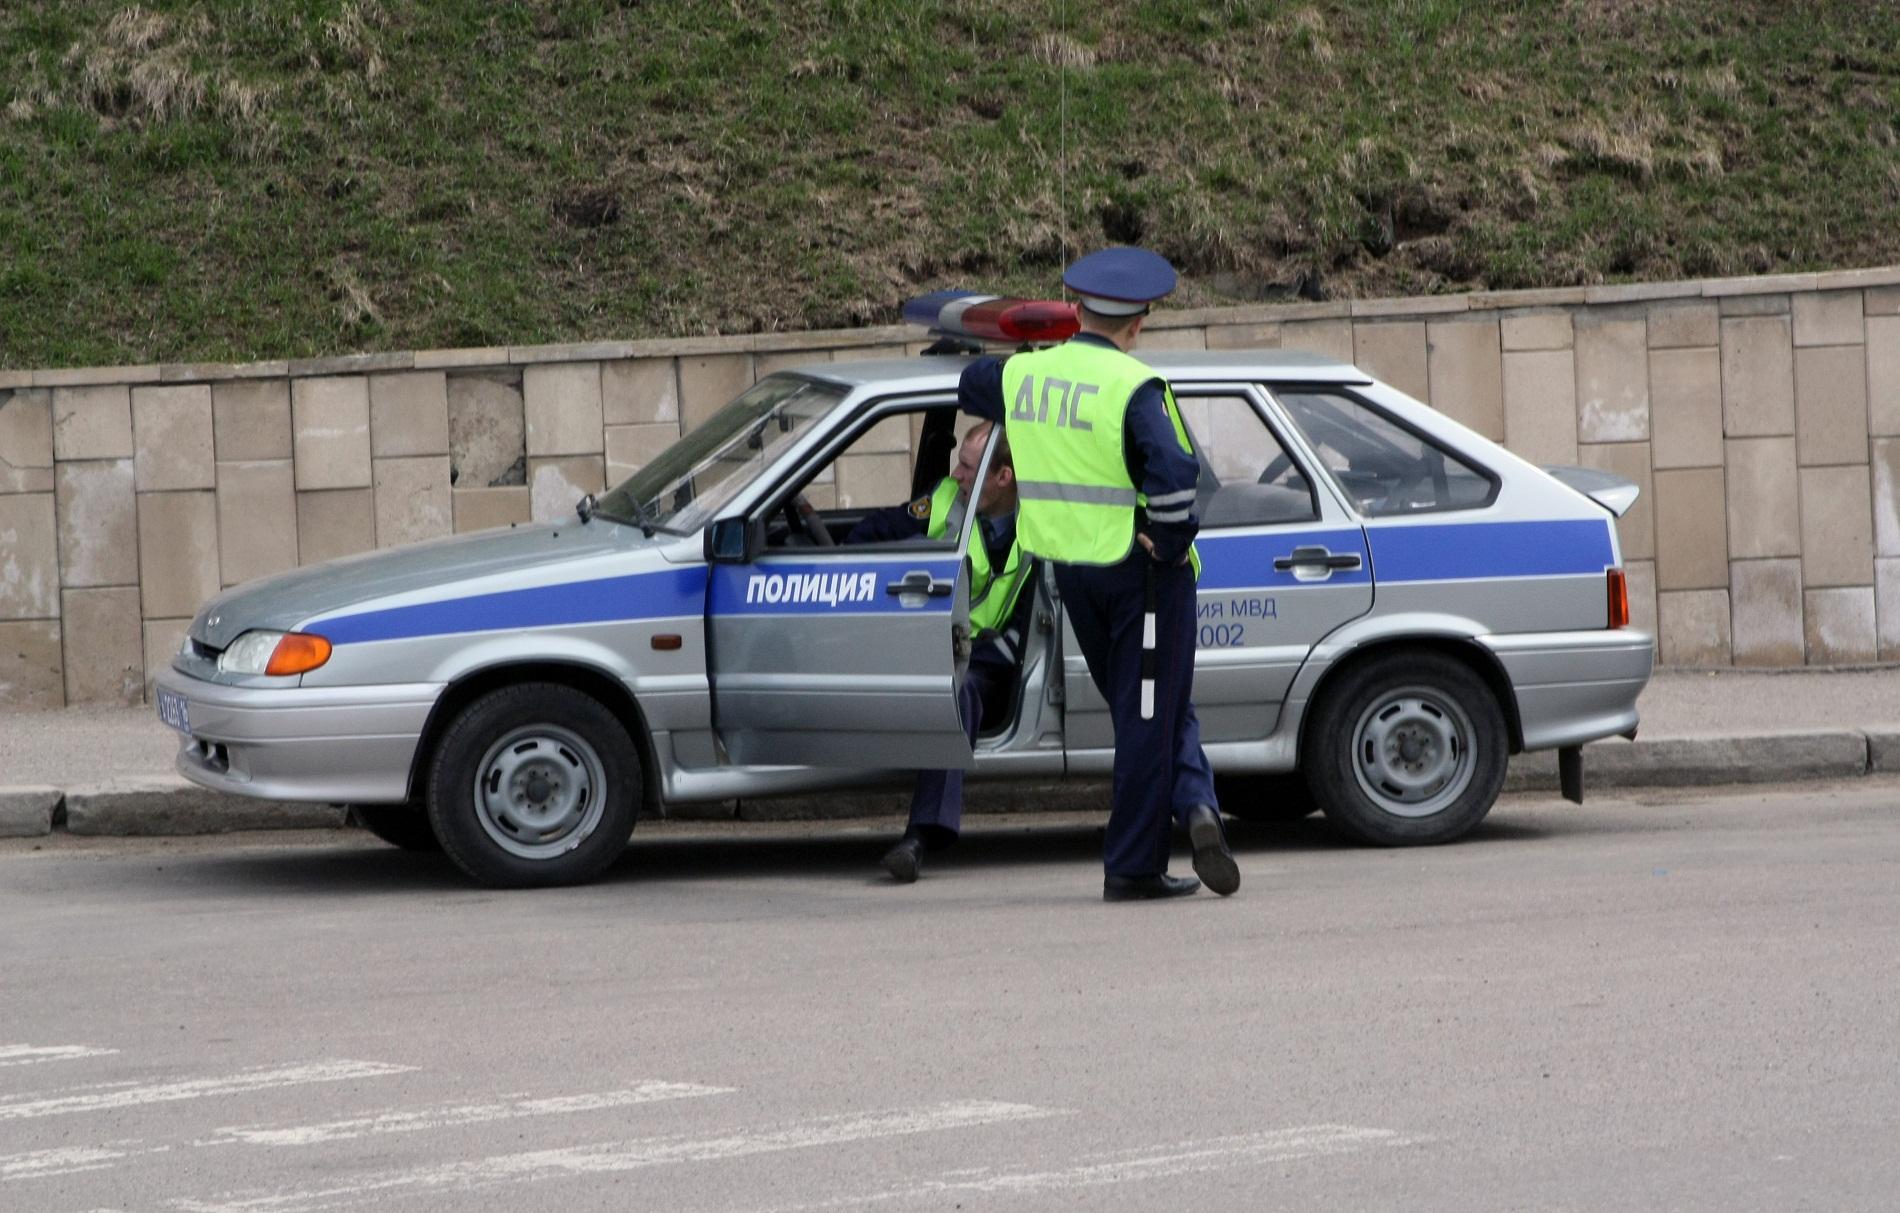 Полиция нашла водителя, который вчера на Уралмаше сбил двух детей